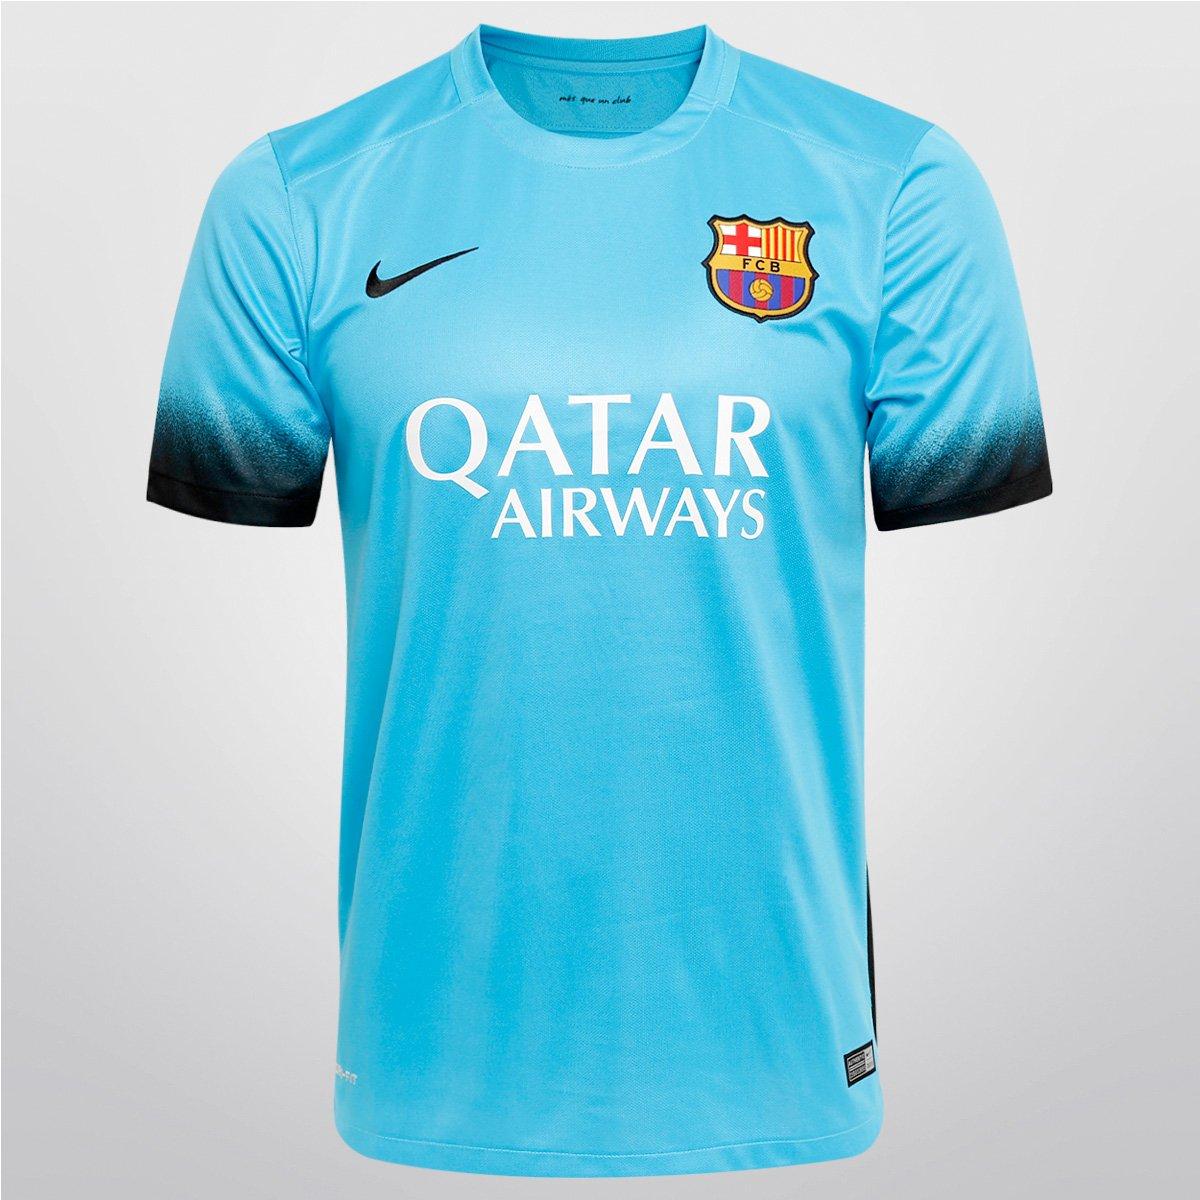 Camisa Nike Barcelona Third 15 16 s nº - Compre Agora  75114c54ec4